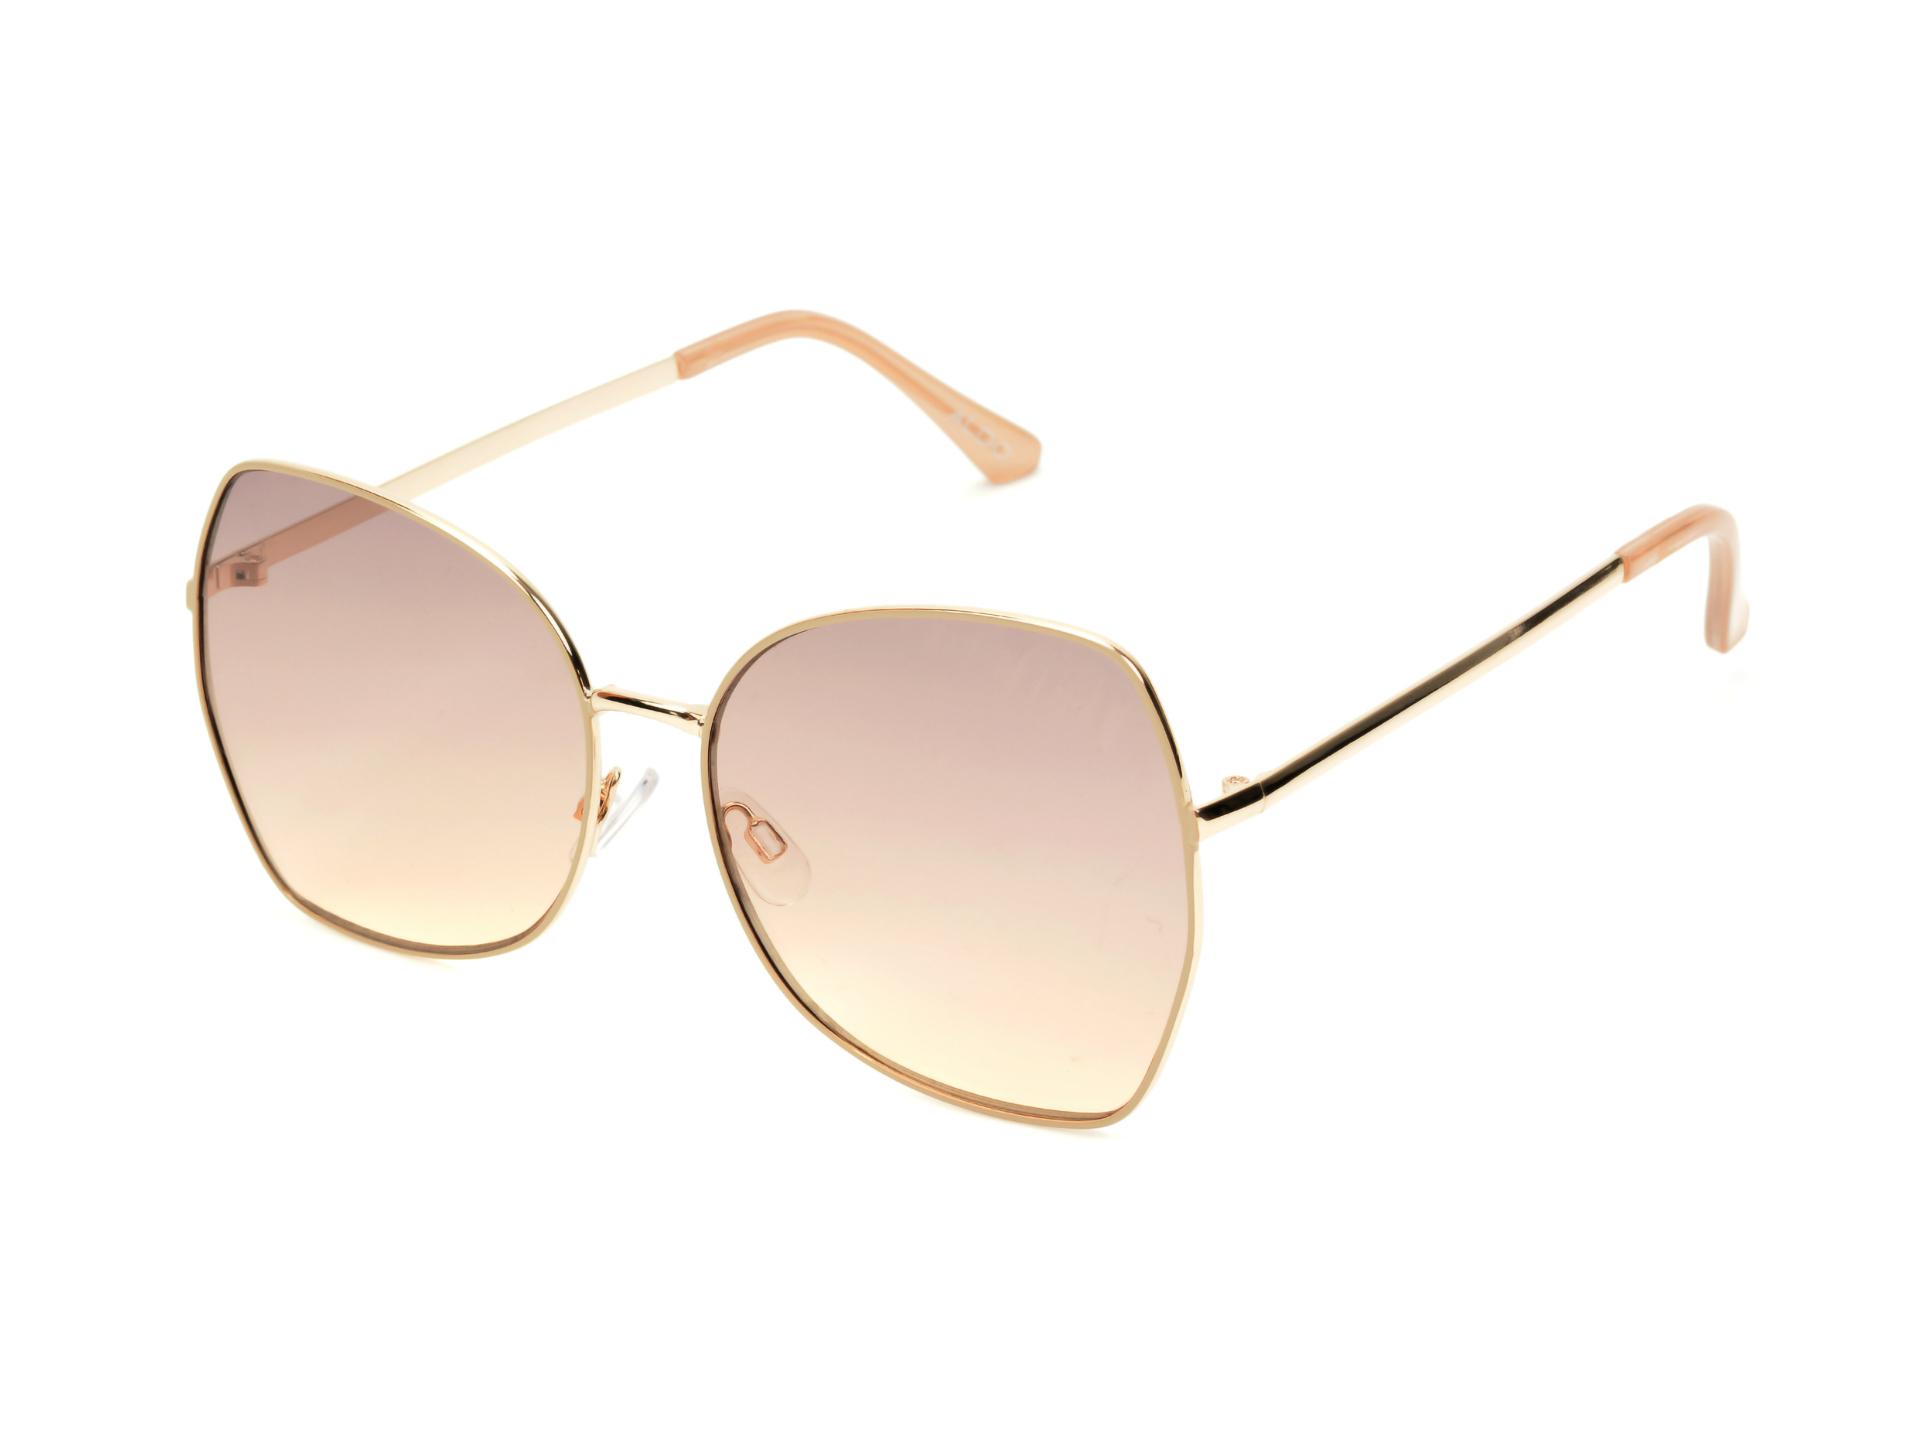 Ochelari de soare ALDO natural, Inornata101, din PVC imagine